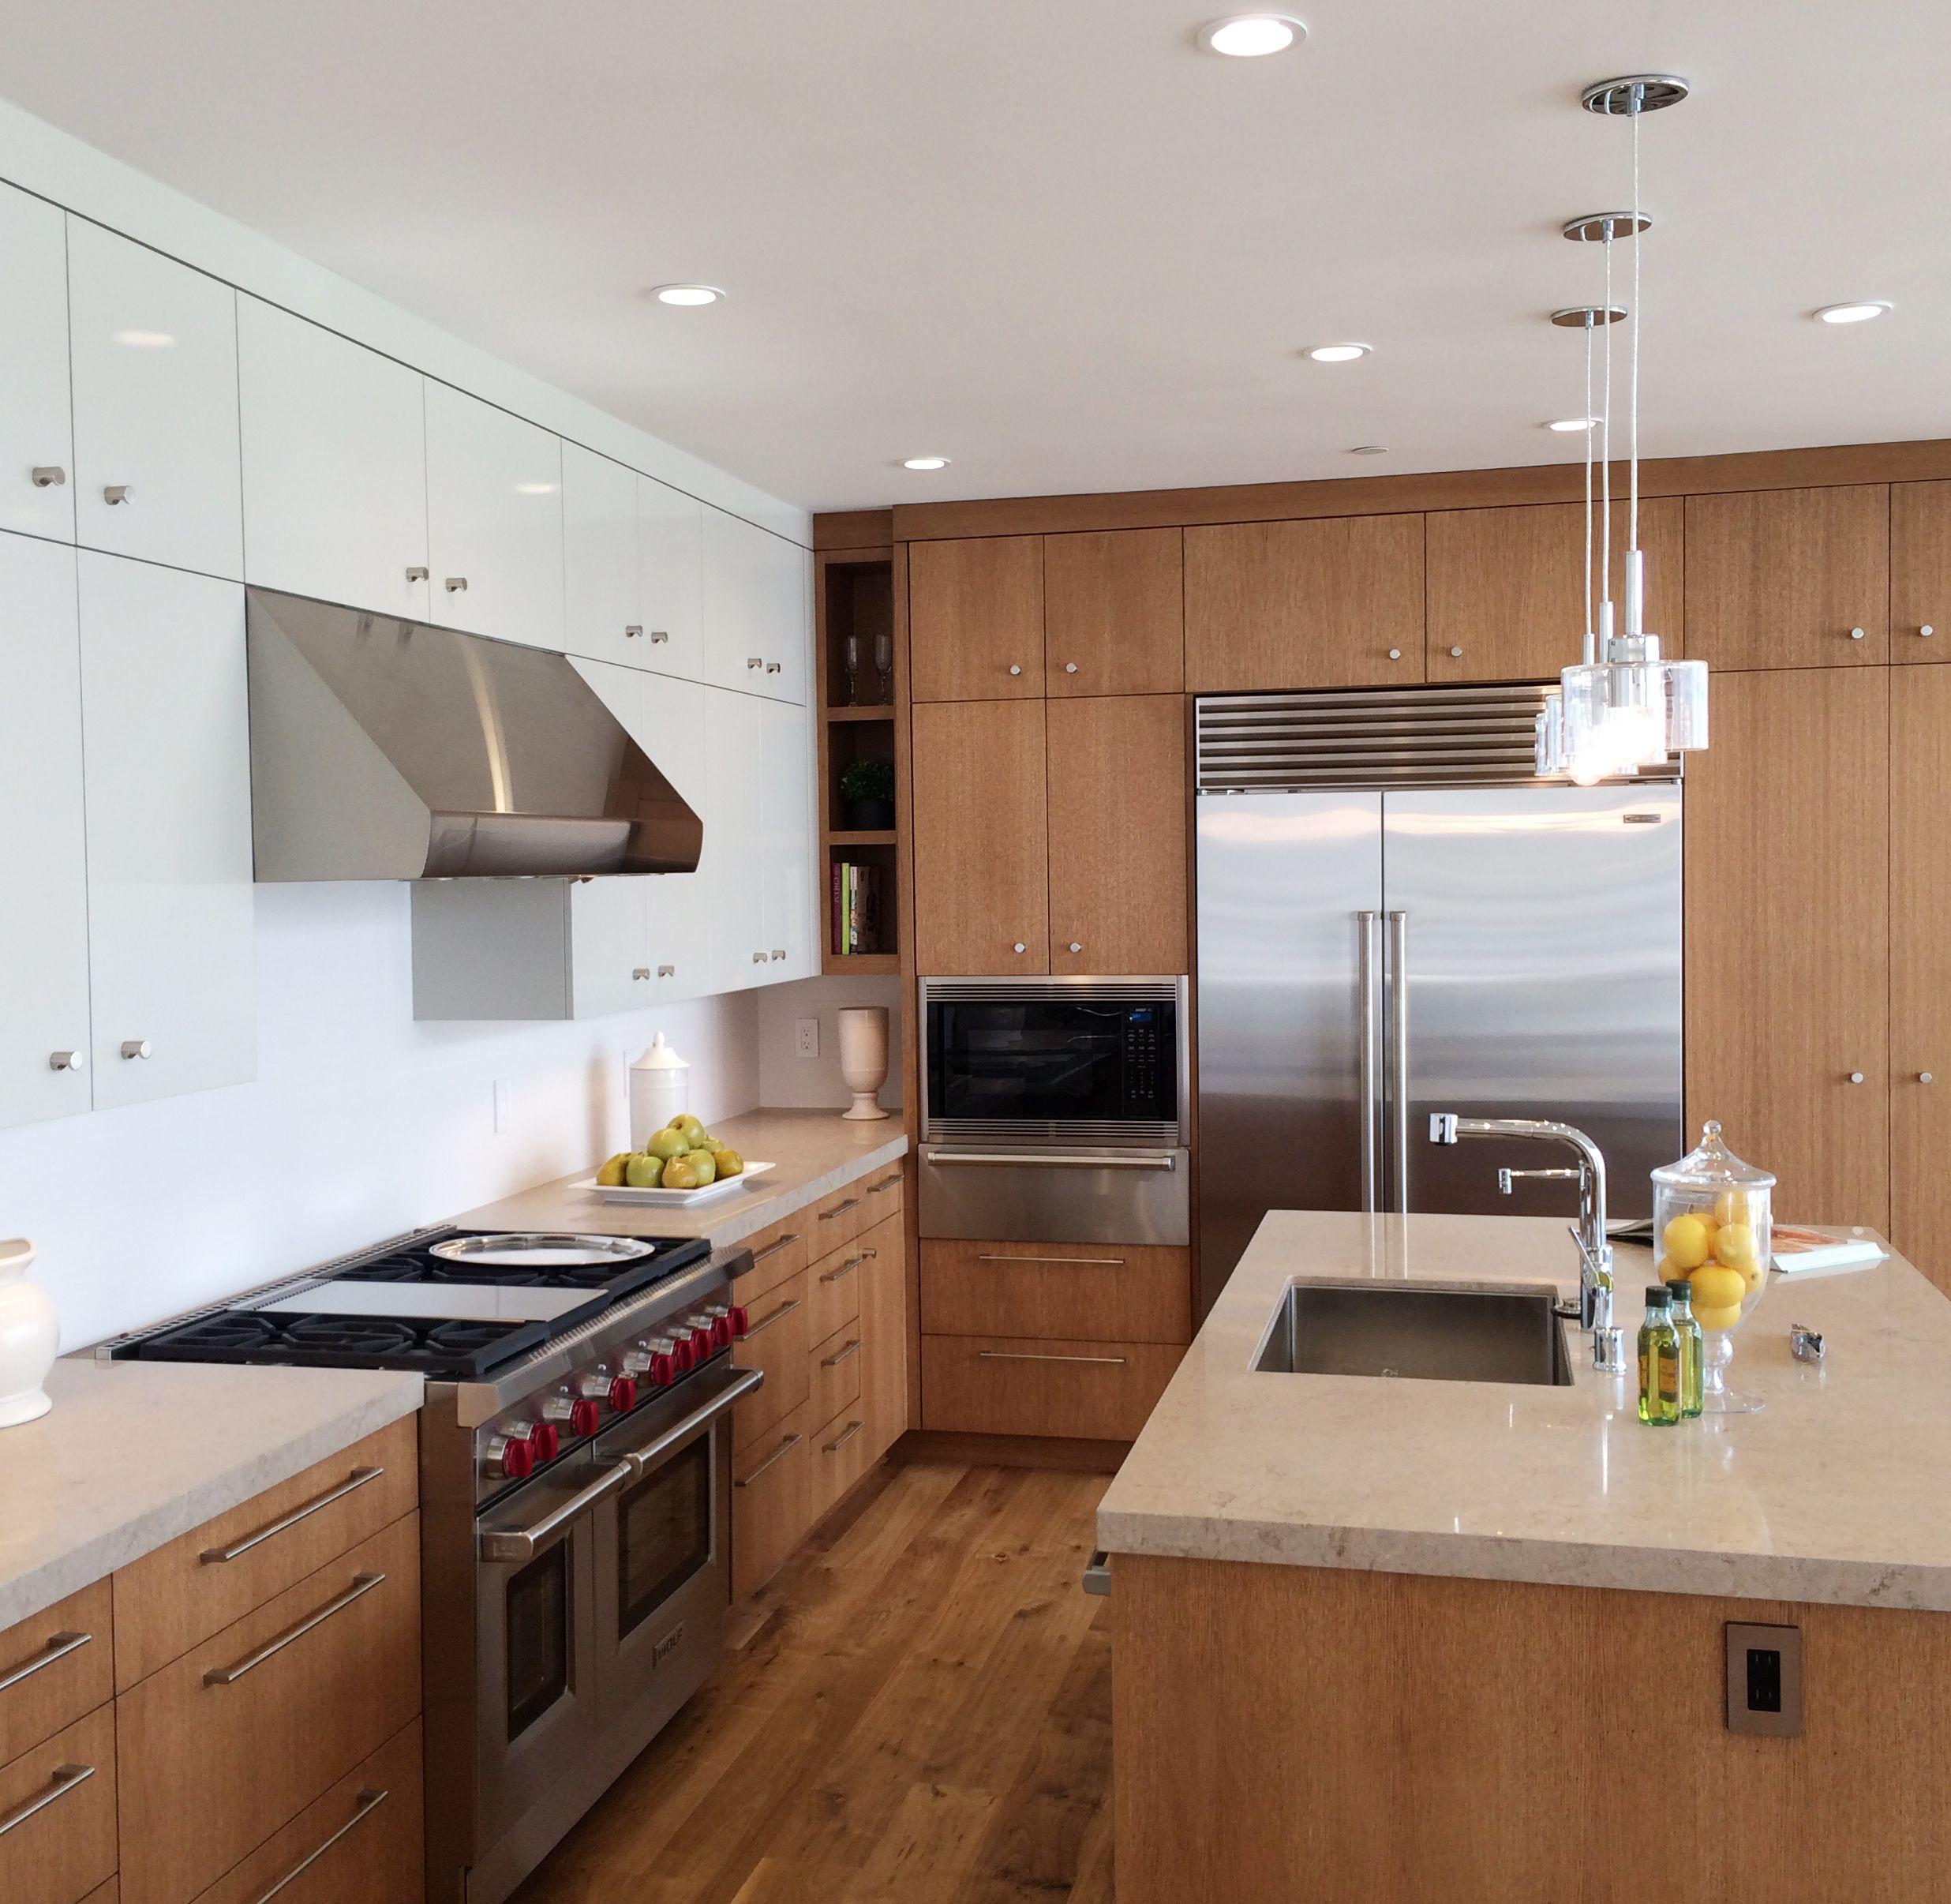 Kitchen Remodeling Manhattan: Rift Oak & High Gloss